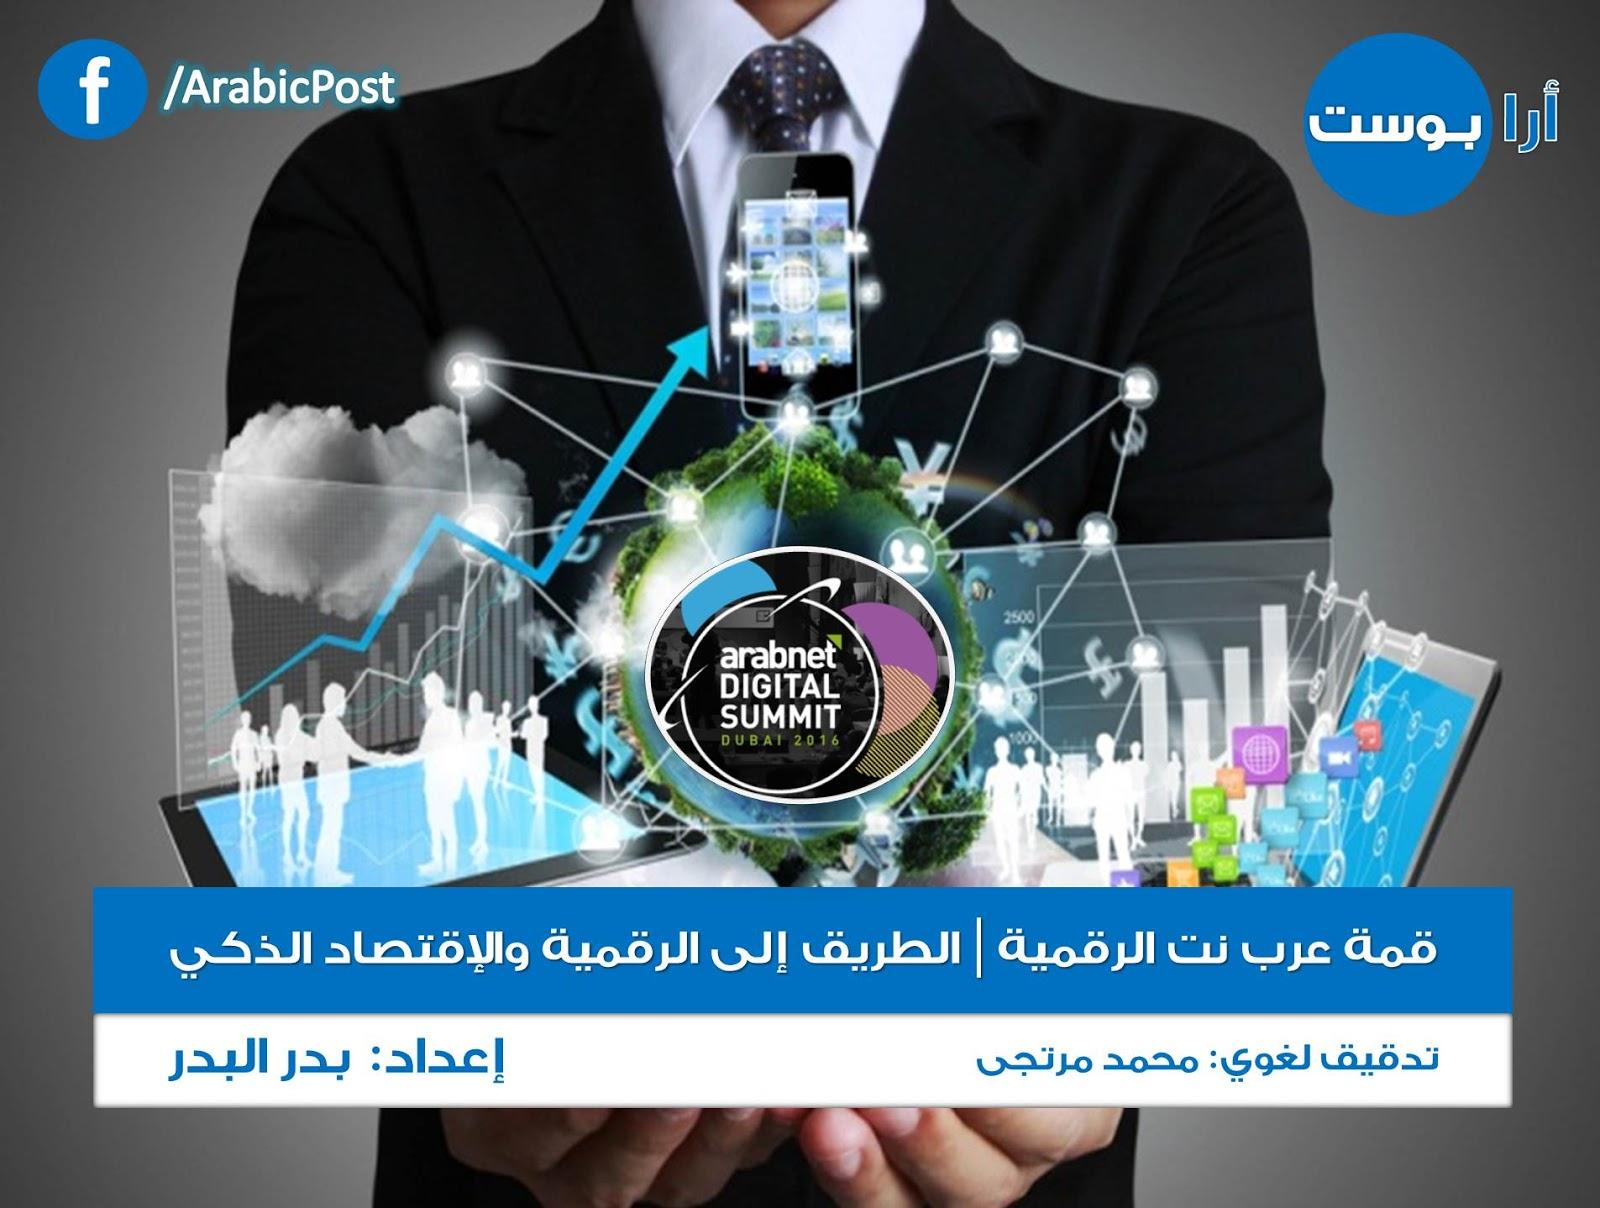 قمّة عرب نت الرقميّة - الطريق إلى الرقمية والإقتصاد الذكي